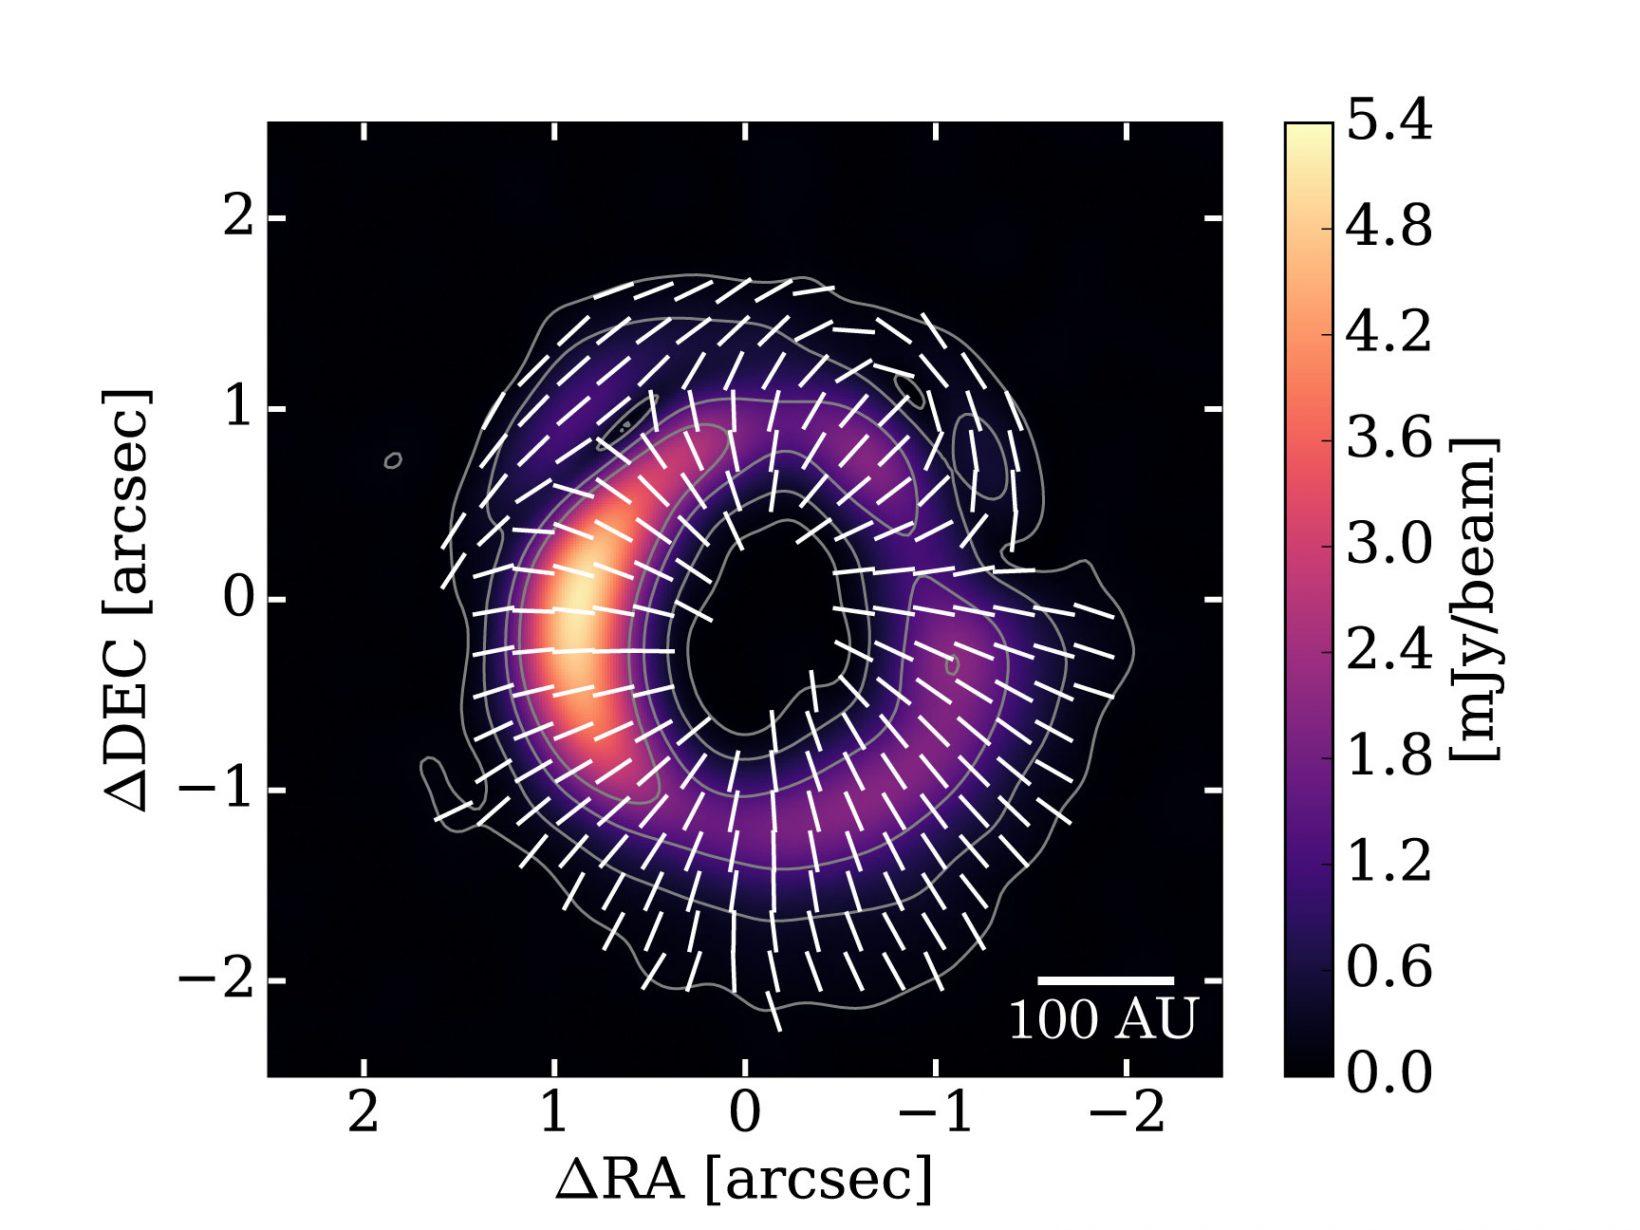 Картина распределение поляризации пылевого диска вокруг звезды HD 142527. Цветом показана интенсивность поляризованного излучения, белыми штрихами— направление поляризации.